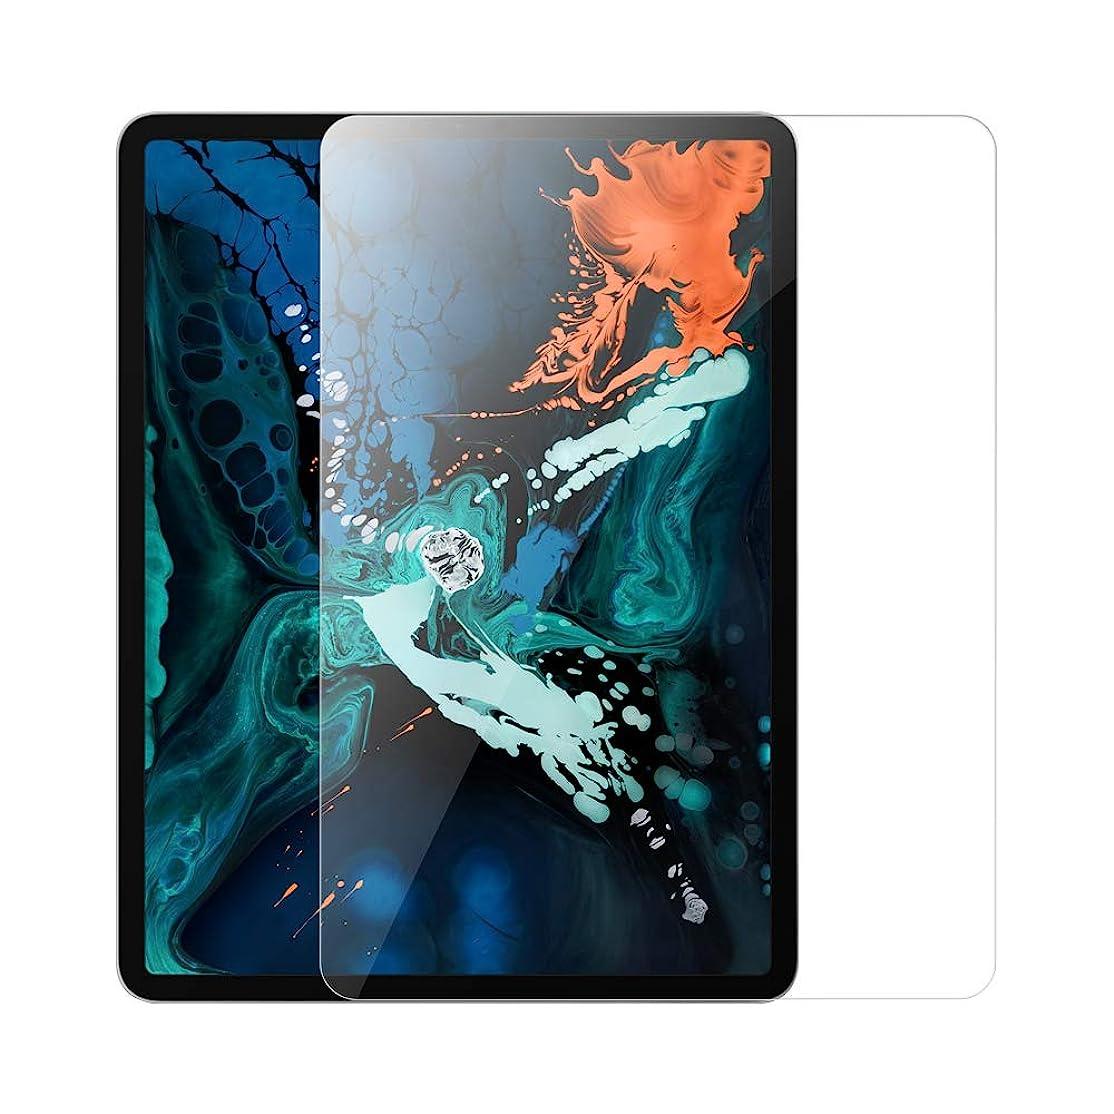 ランダム再編成する不規則性Feitenn iPad Pro 12.9インチ 強化ガラス フィルム 液晶保護 全面貼り付け 硬度9H 超薄0.3mm 99.9%透過率 気泡ゼロ 全面貼り付け 貼りやすい 指紋防止 撥油性 ケースに干渉せず 日本旭硝子製 (透明)